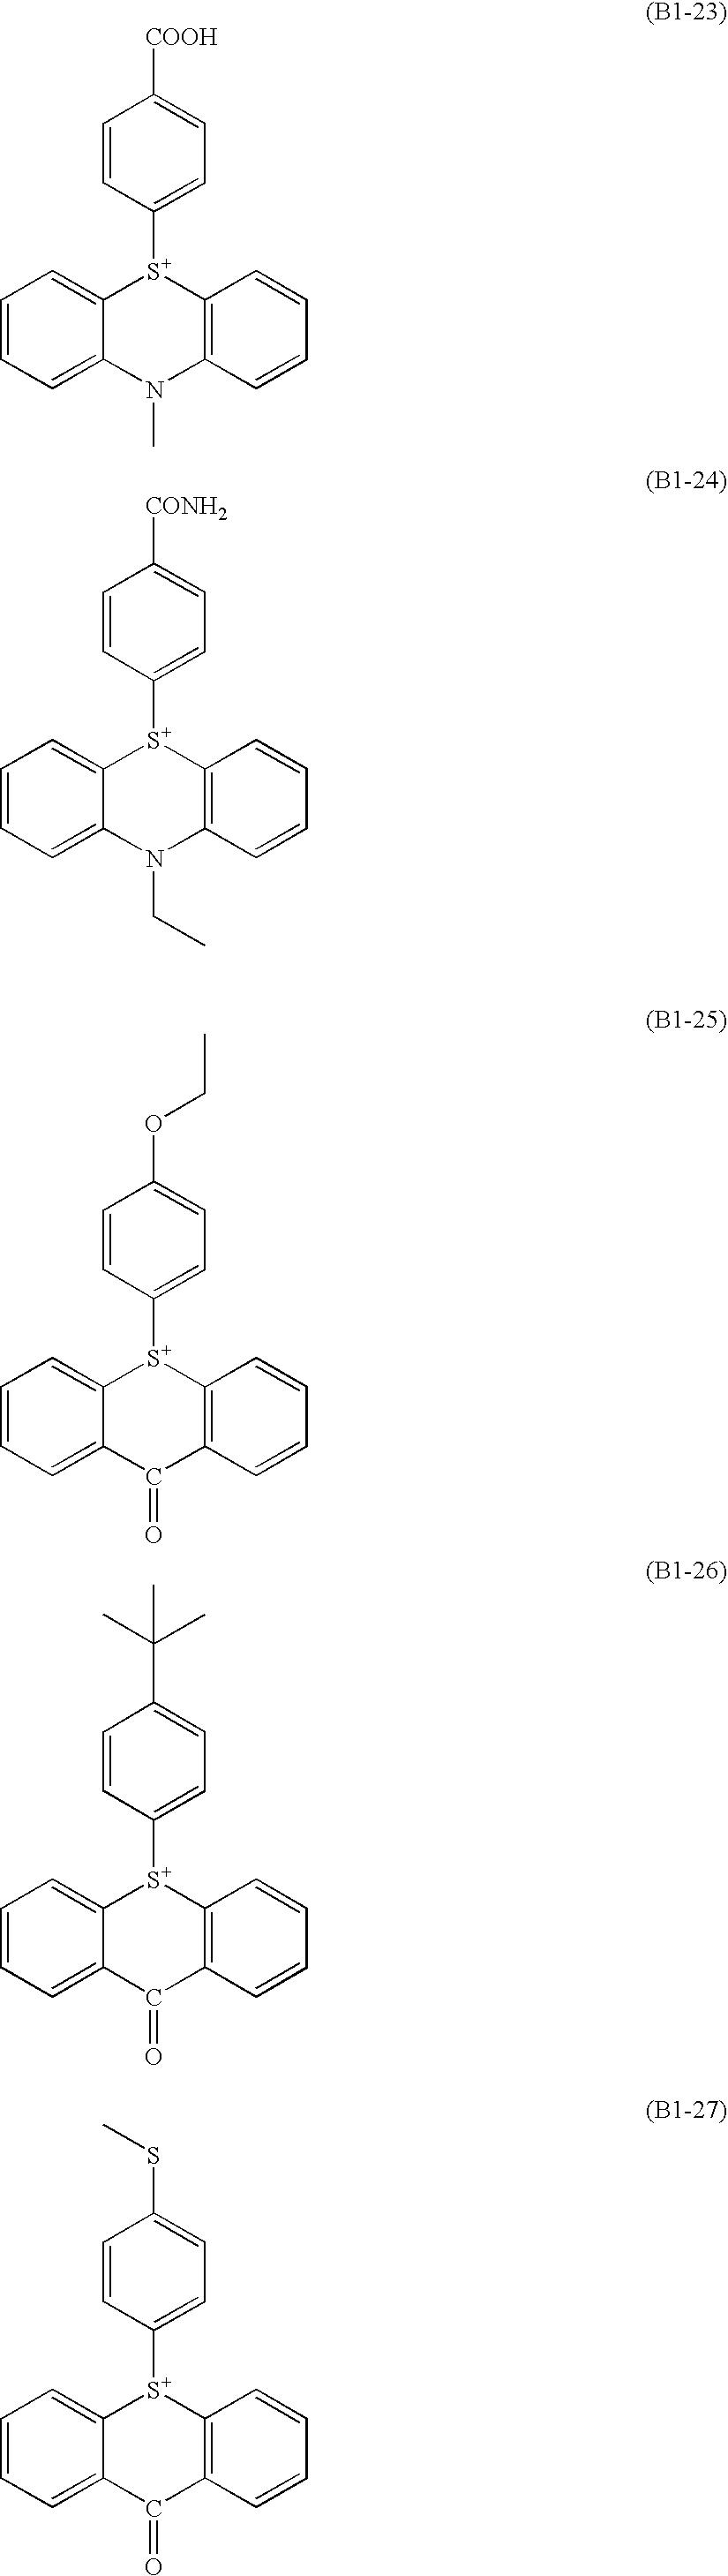 Figure US20100183975A1-20100722-C00014